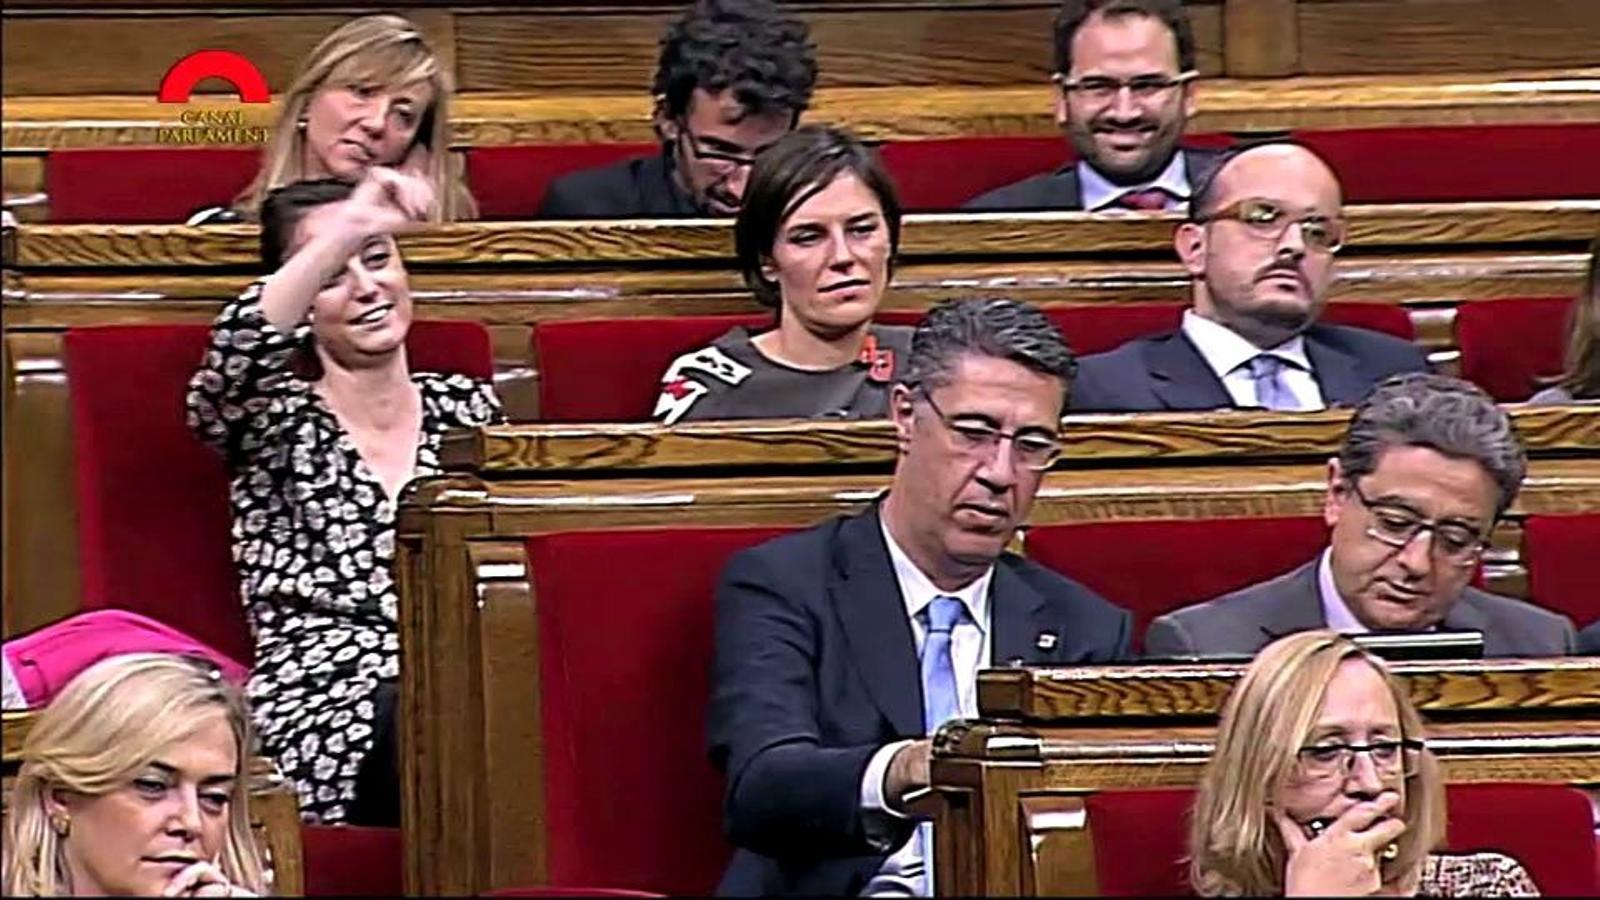 L'actitud de la diputada del PP Andrea Levy durant el debat d'investidura de Mas